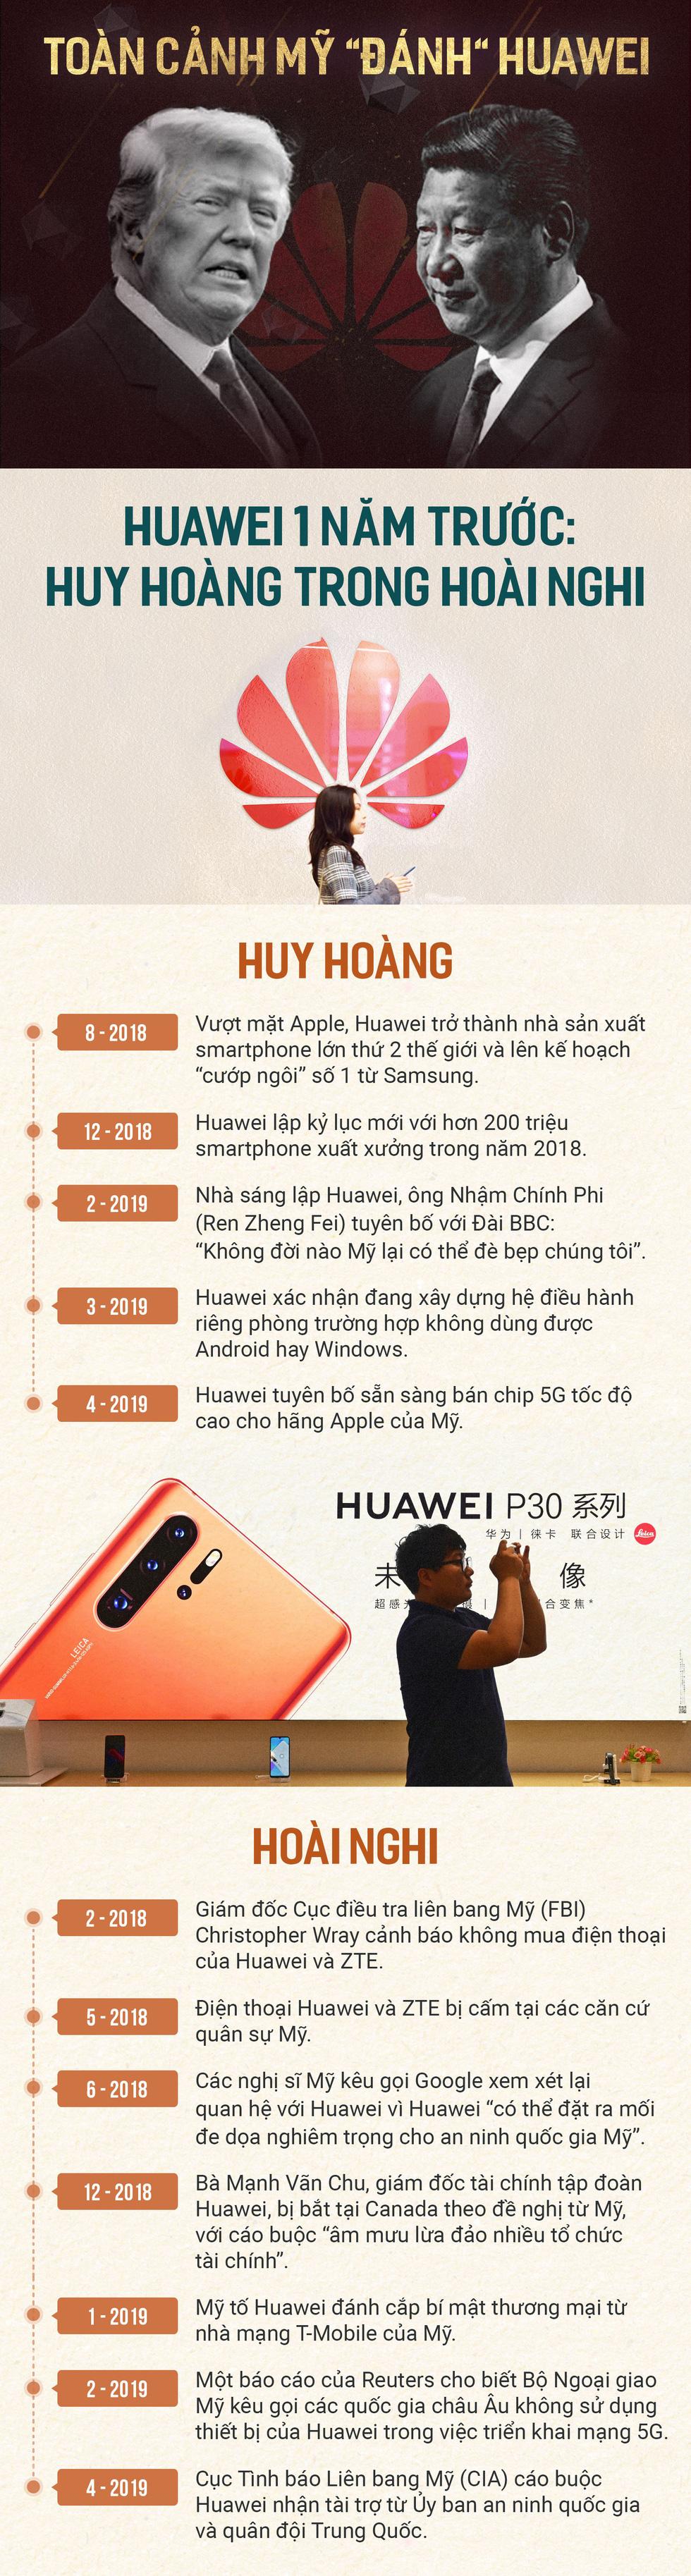 Toàn cảnh Mỹ đánh Huawei - Ảnh 1.